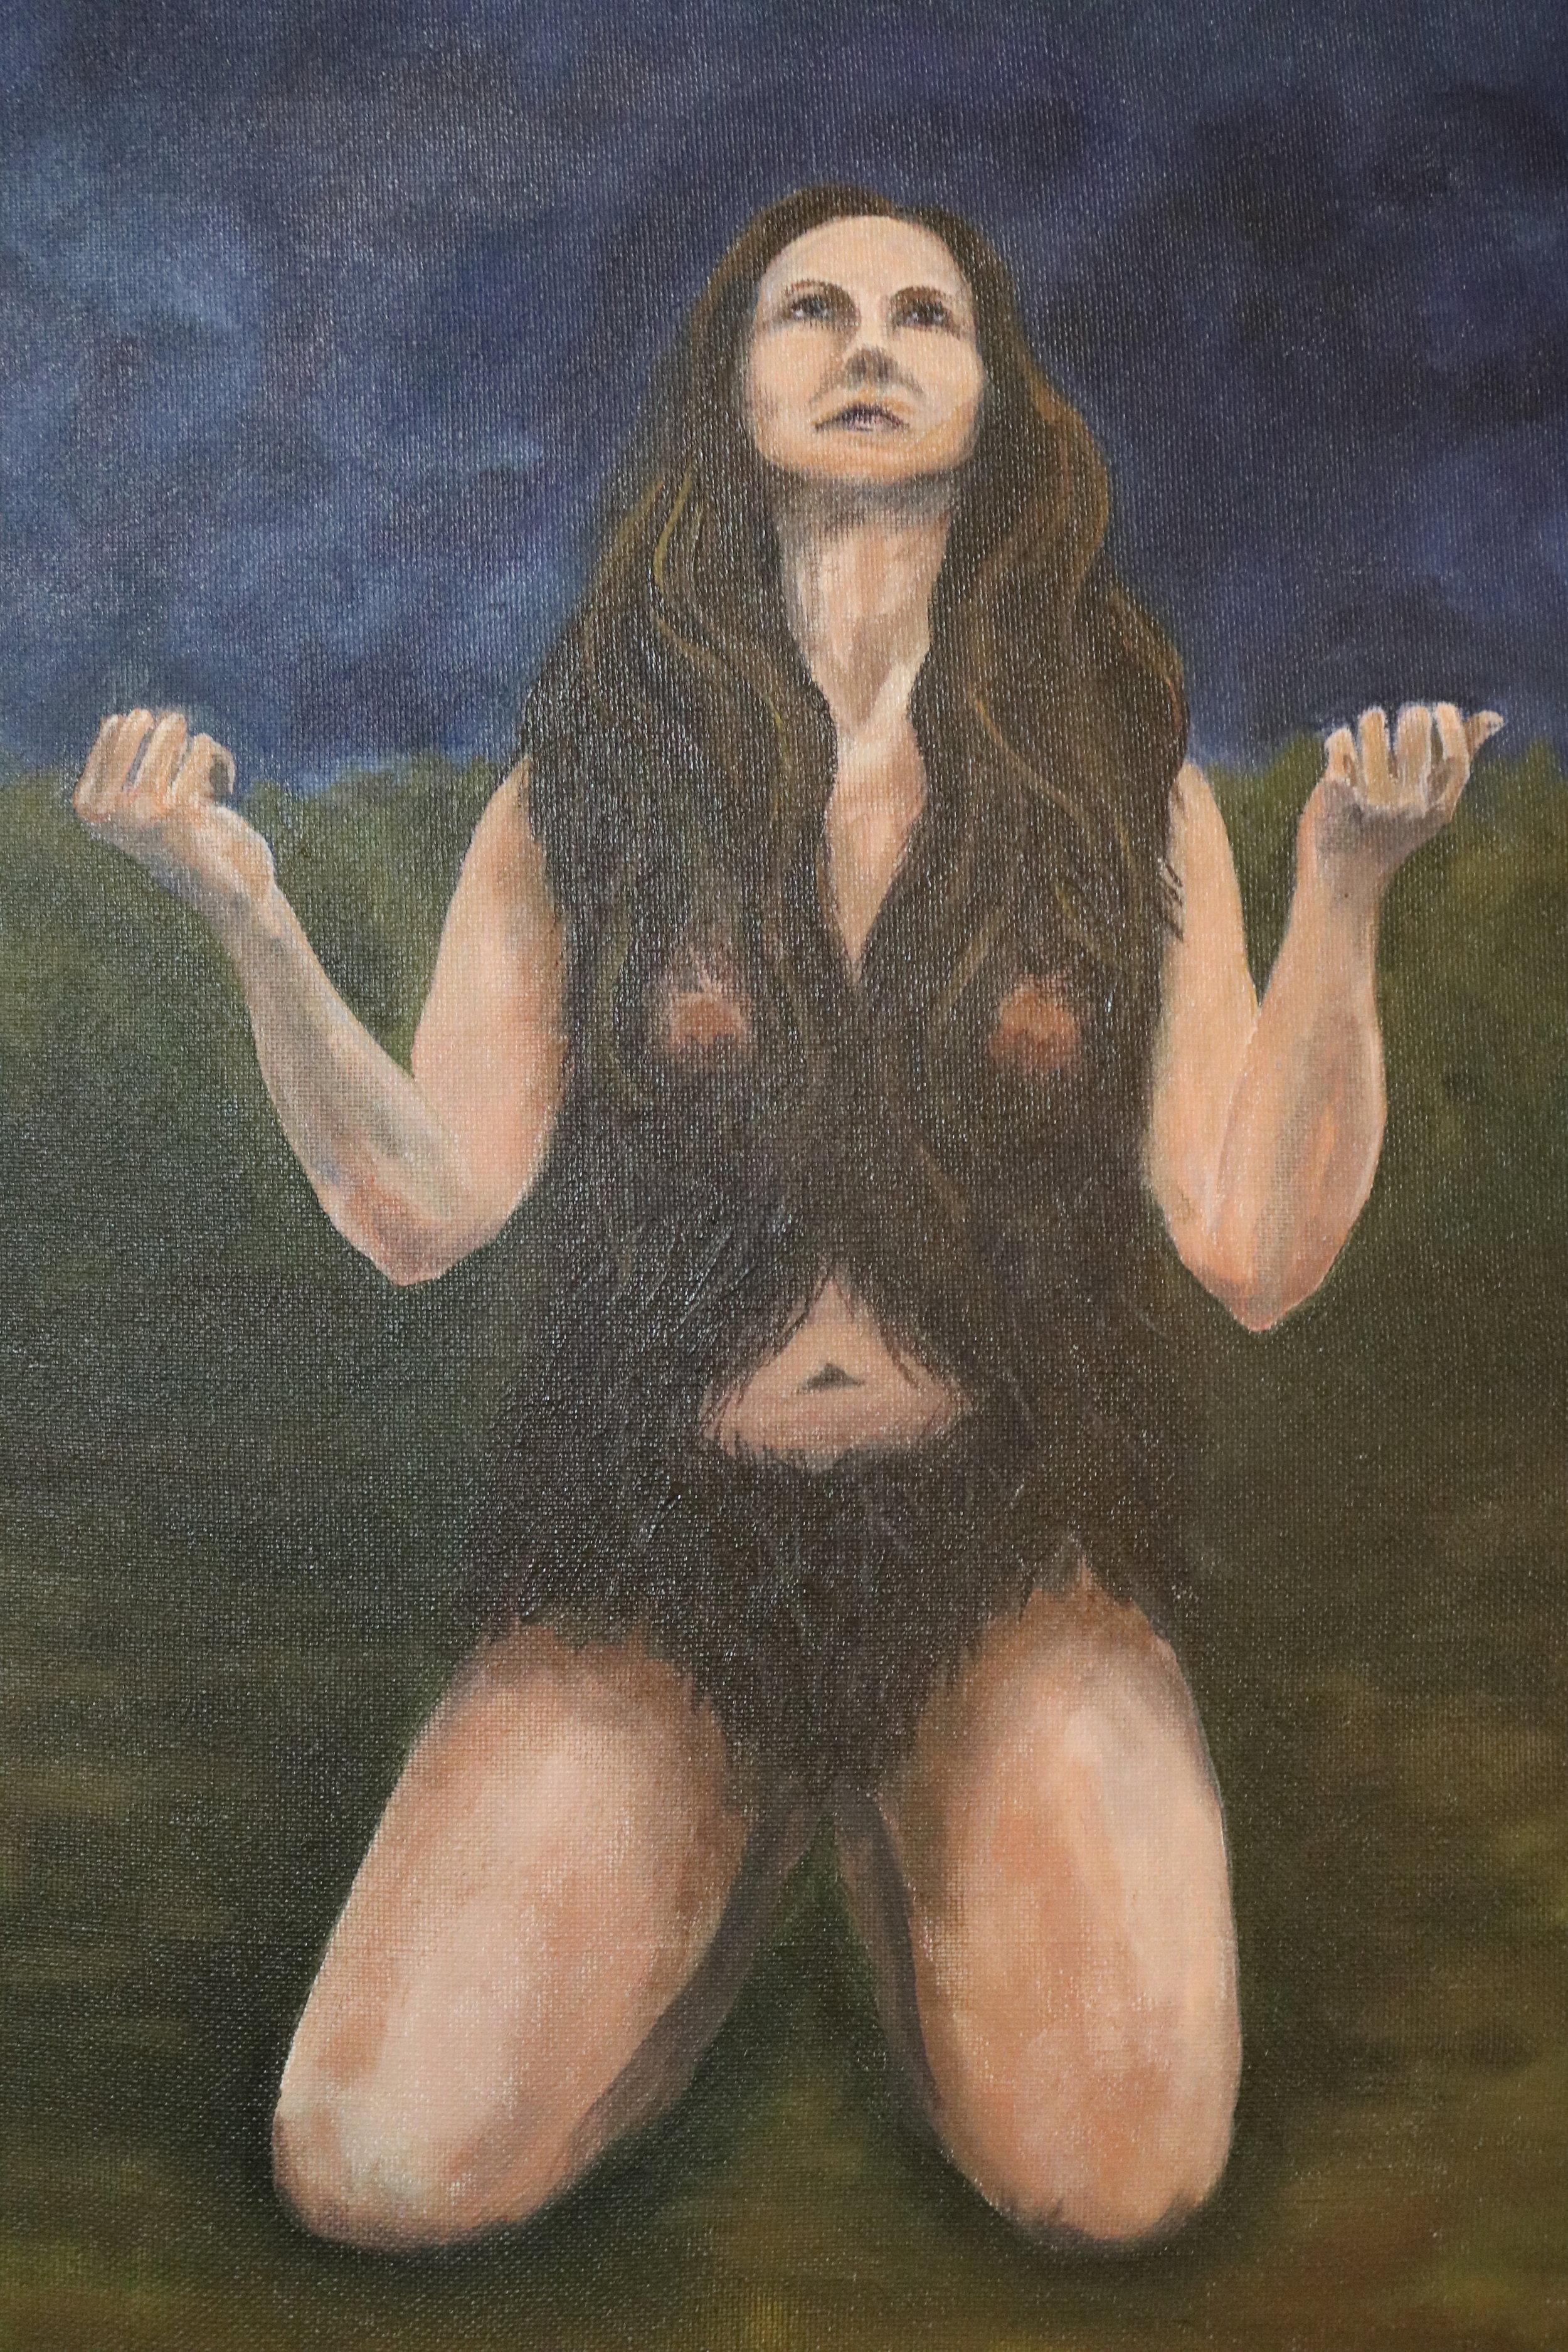 Mary's Plea, Rachael Padilla, 2018.